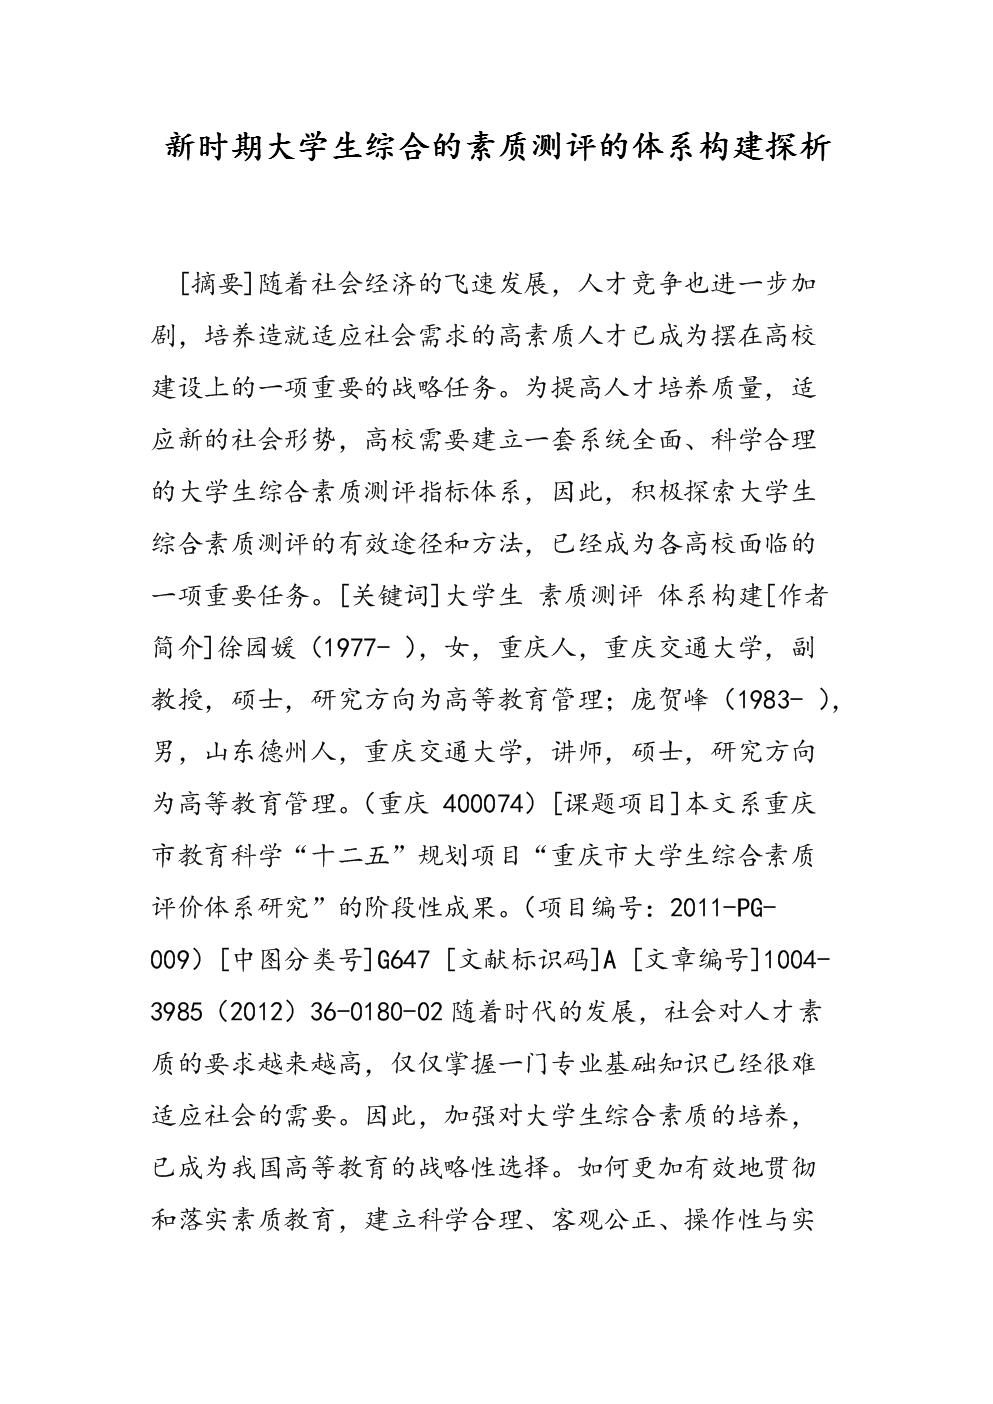 重庆十一中综合素质_新时期大学生综合的素质测评的体系构建探析.doc